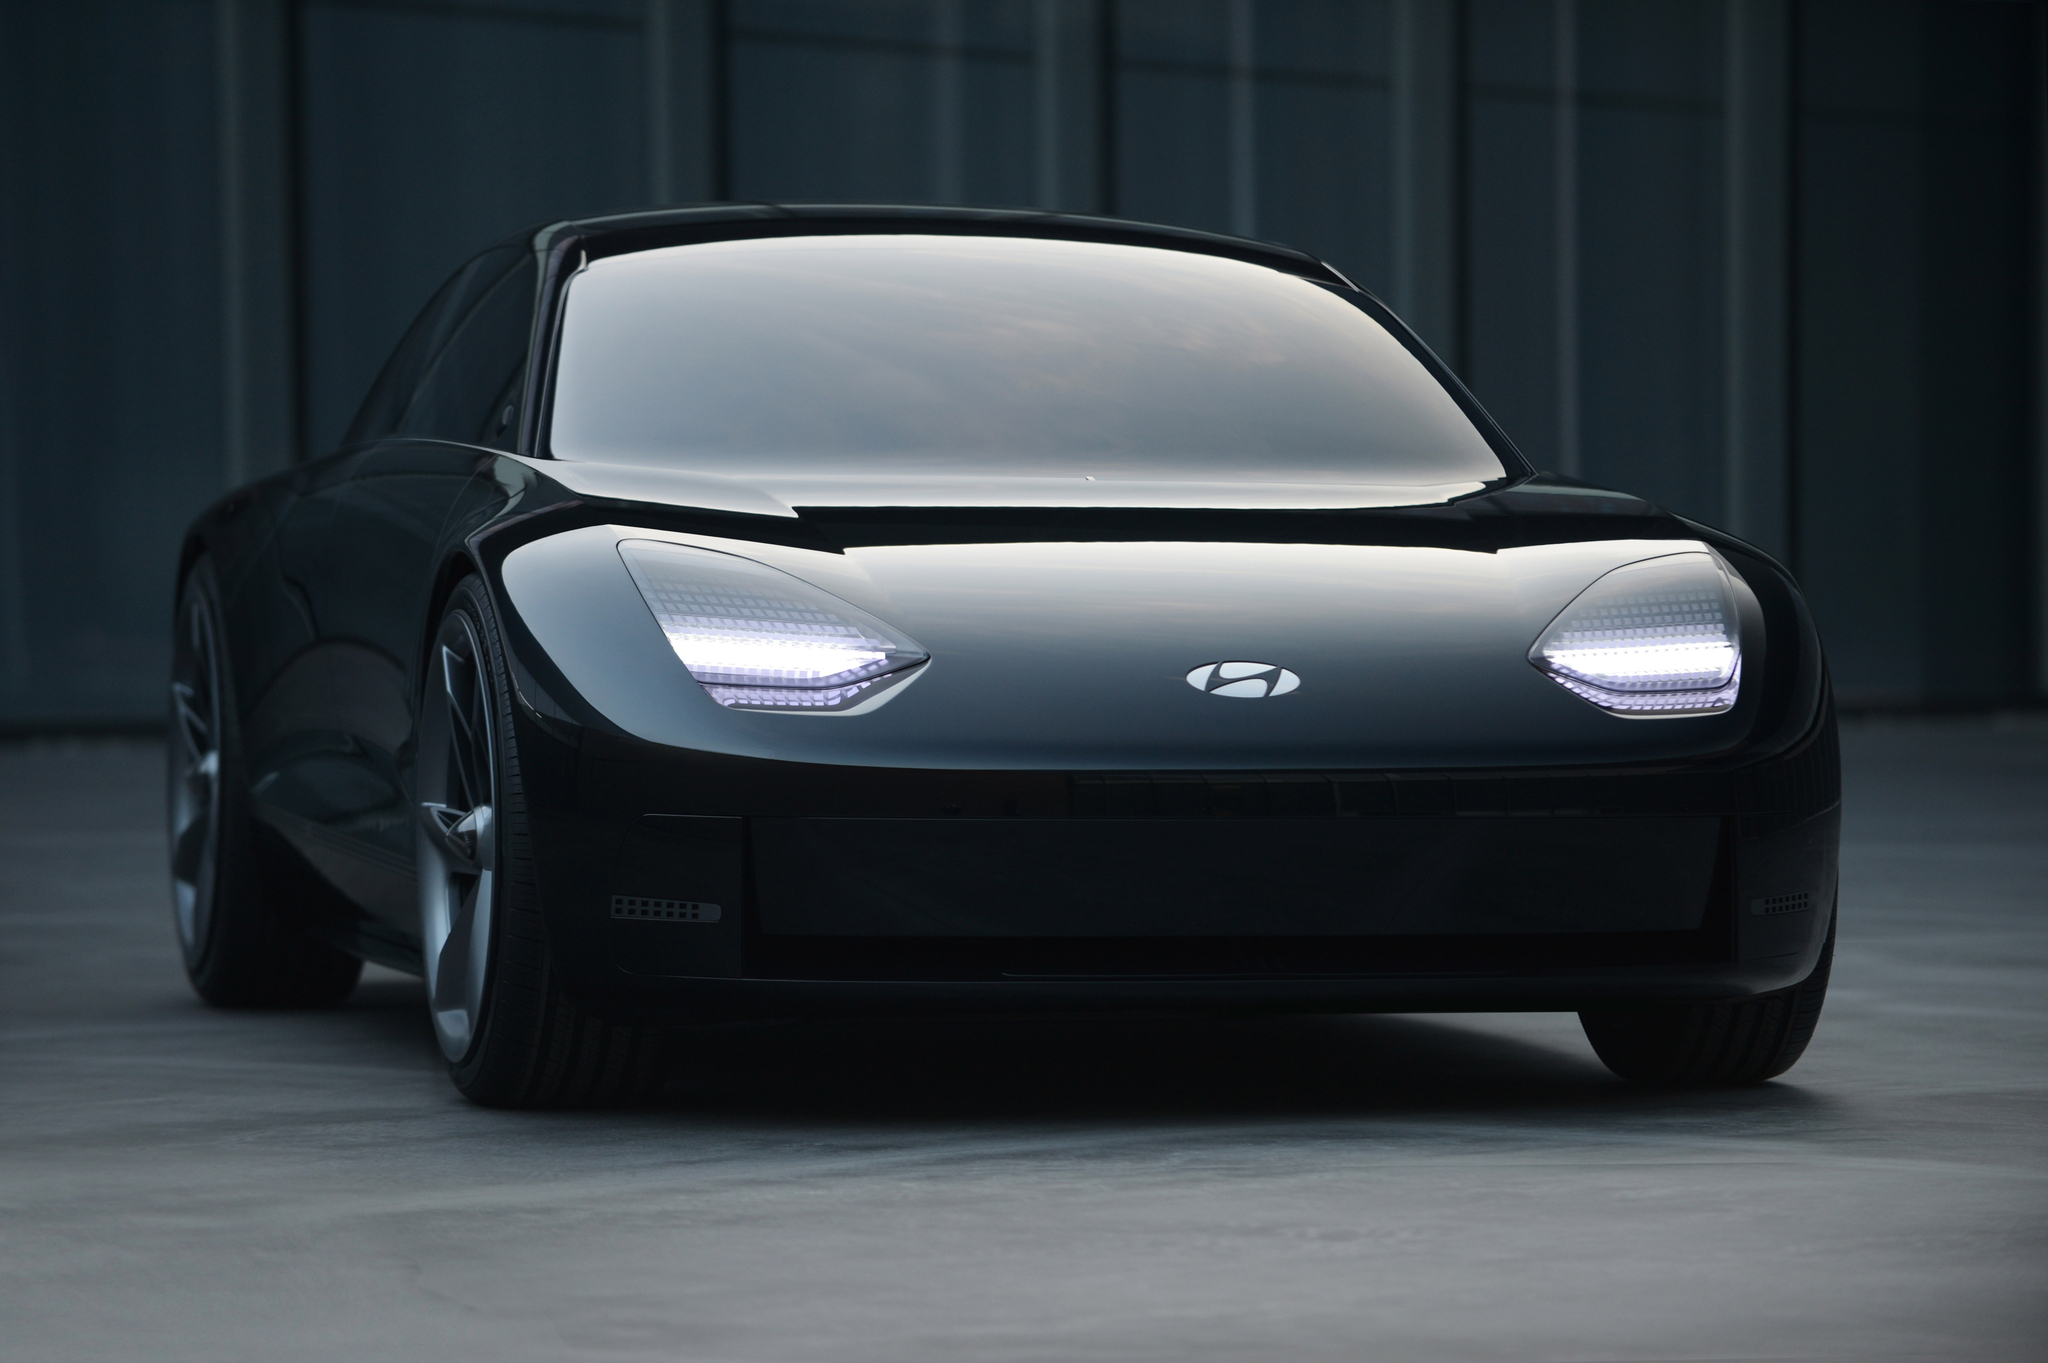 현대자동차는 제네바 모터쇼에서 공개하기로 했던 미래 전기 콘셉트카 '프로페시'를 온라인으로 공개했다. 사진 현대자동차